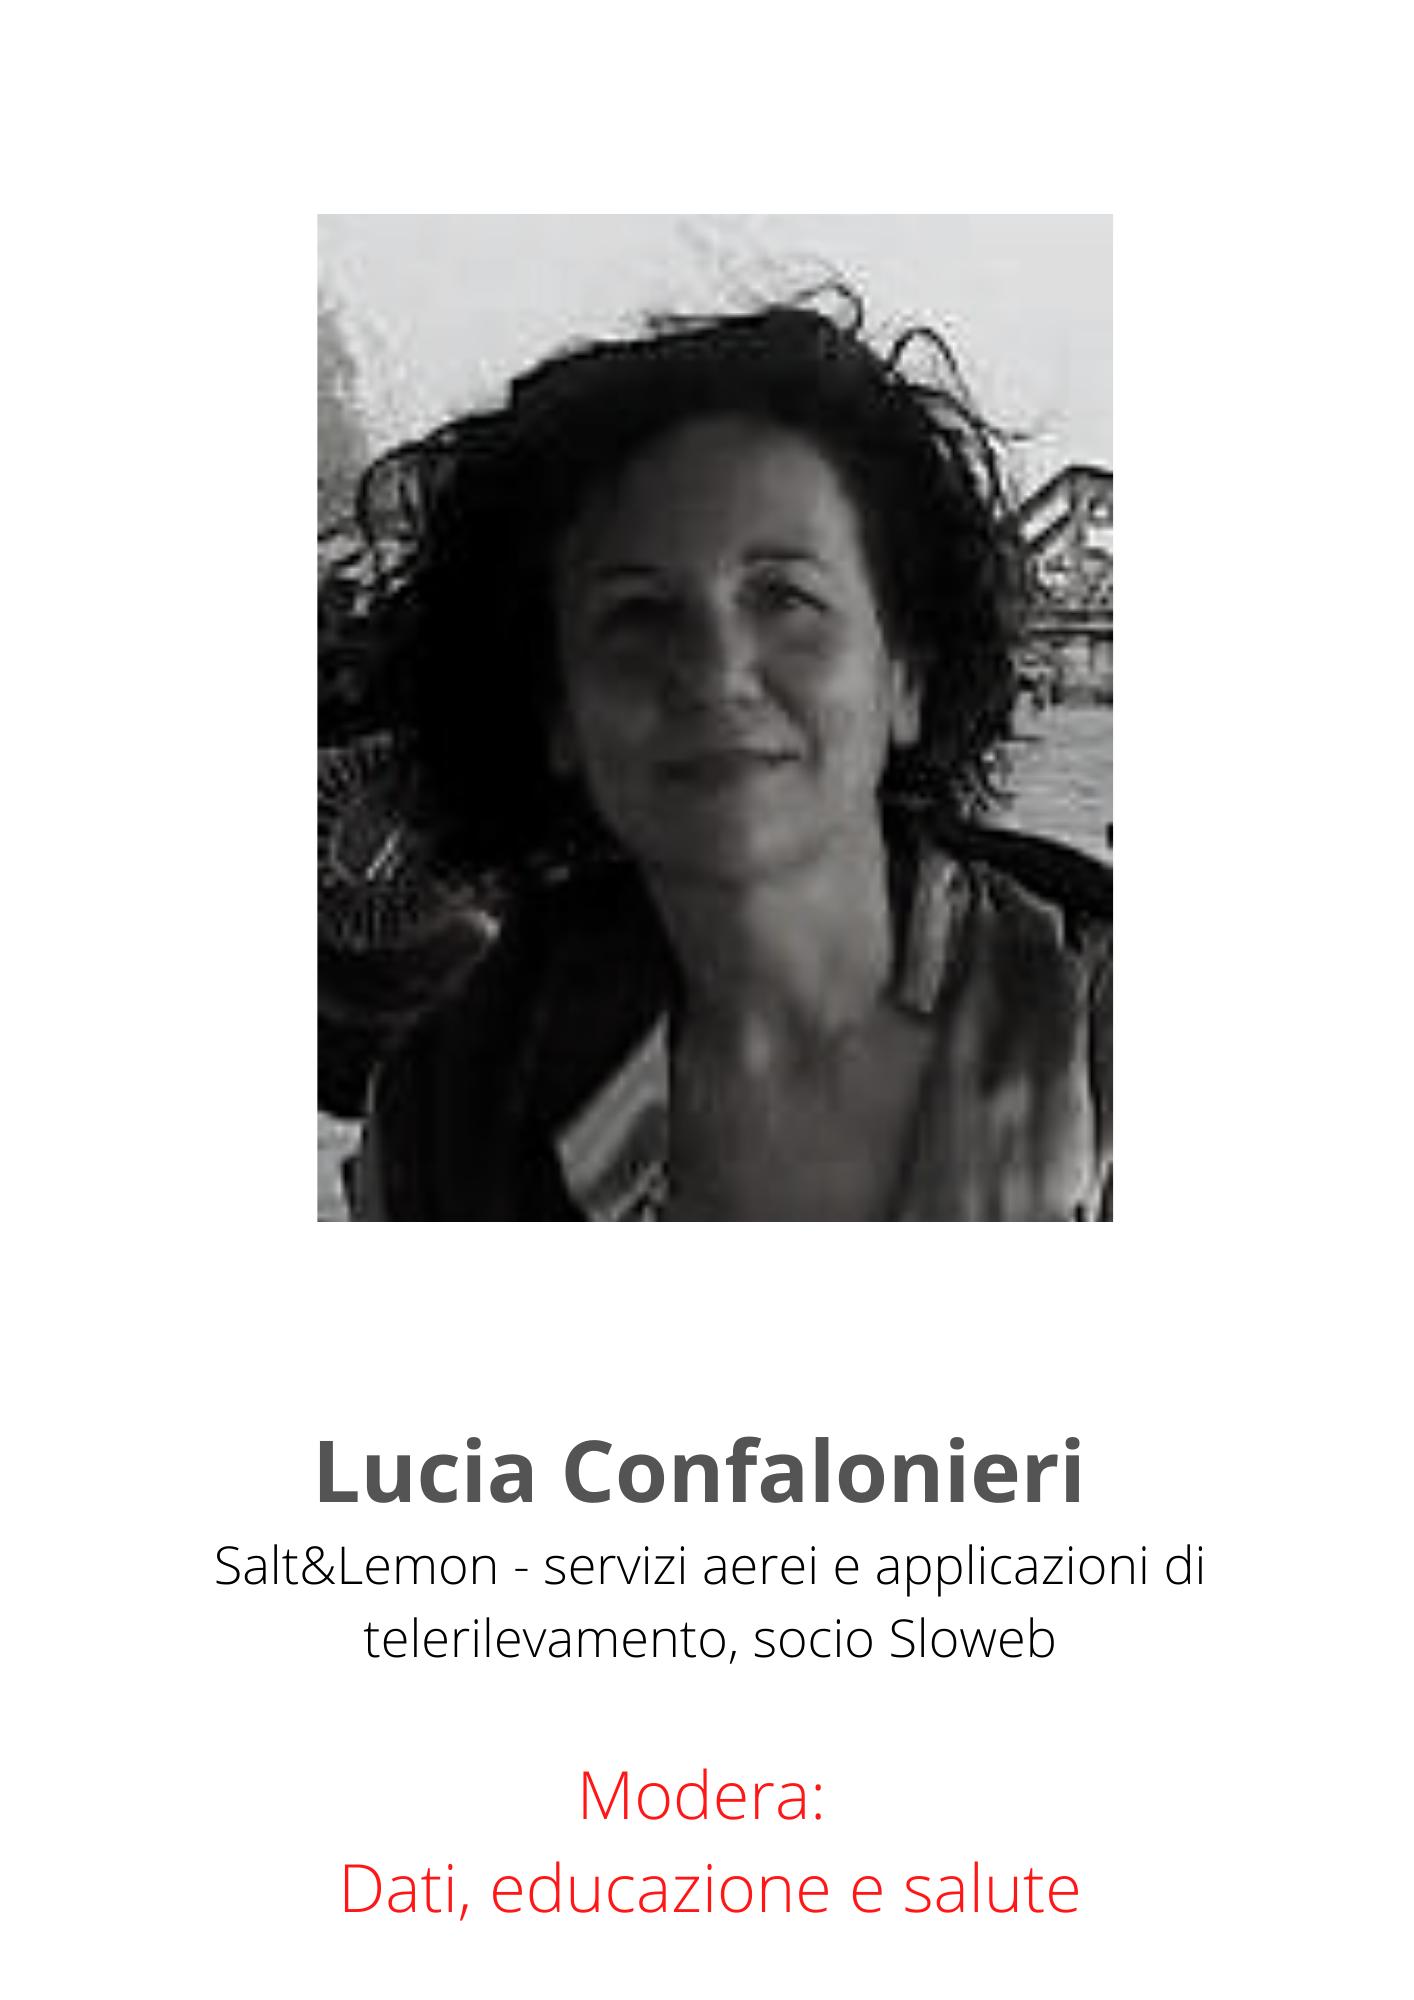 Lucia Confalonieri(2)